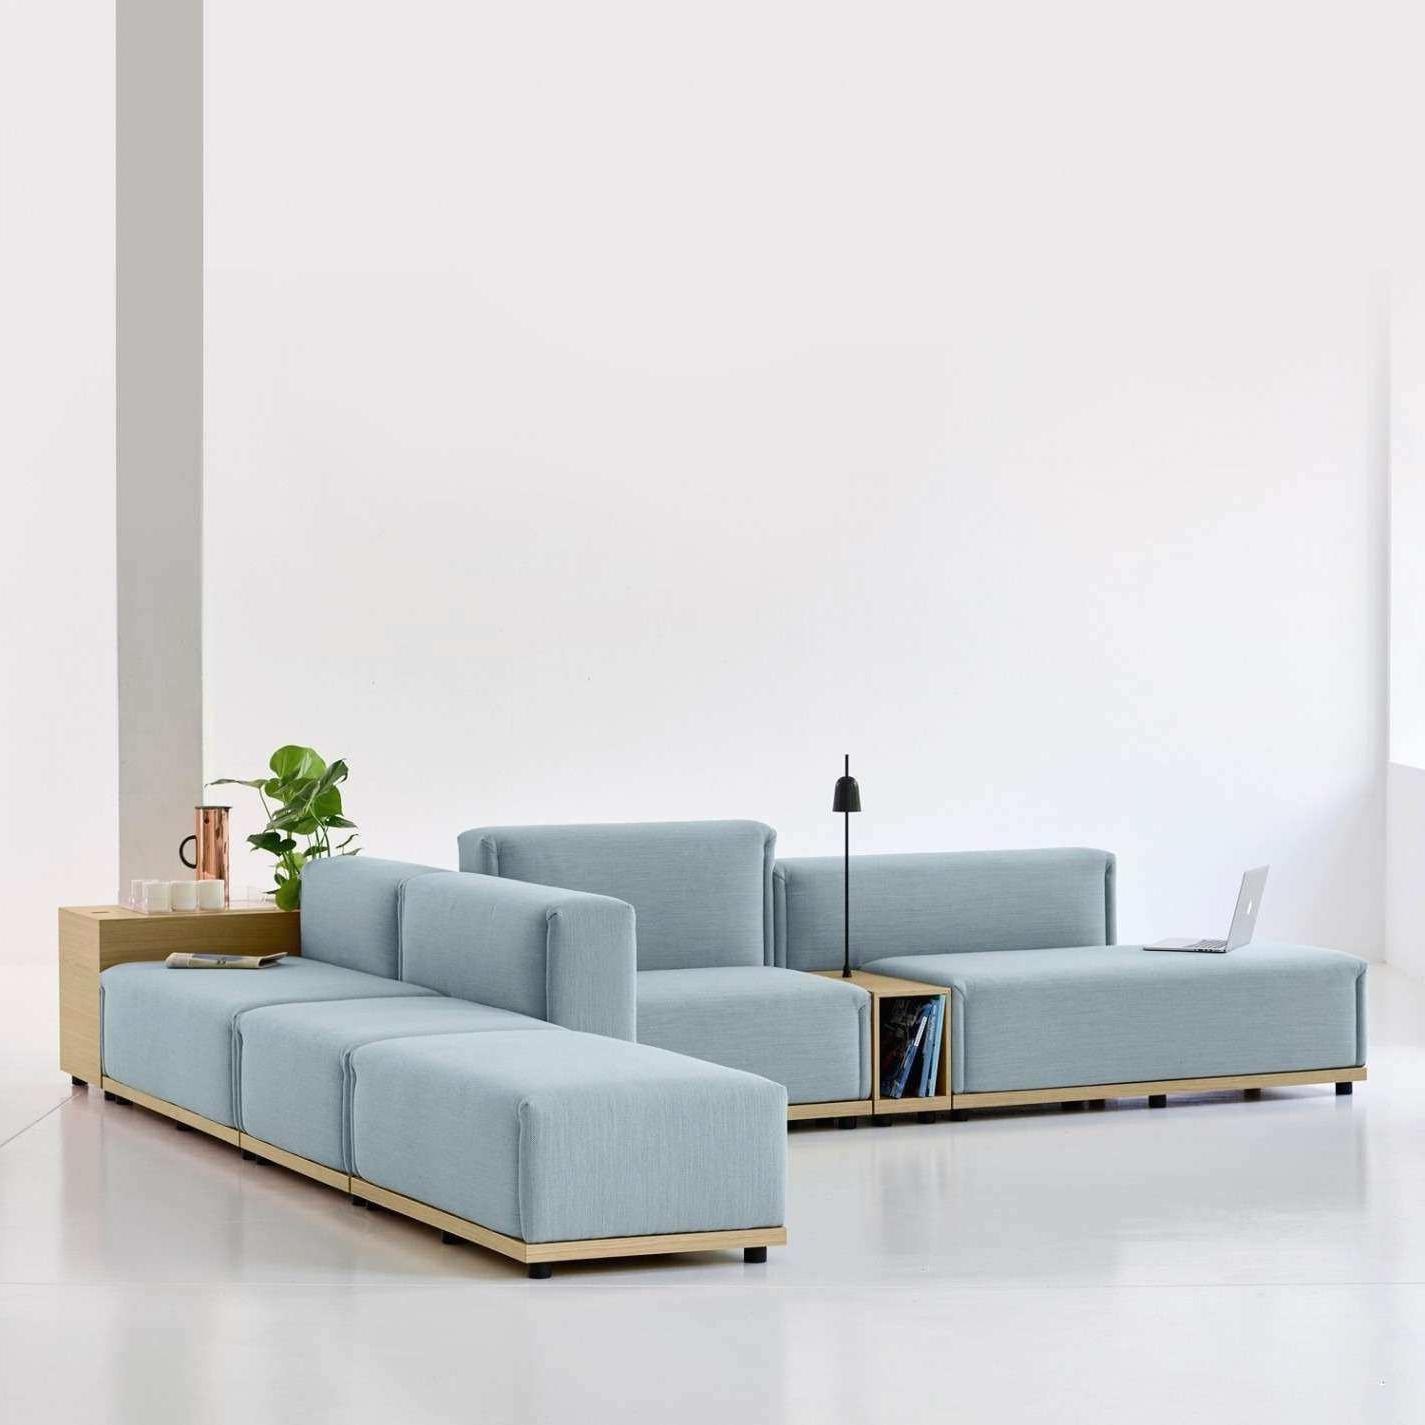 Ikea sofas Modulares Drdp Ikea sofas Modulares Fresco Schlafzimmer sofa Einzigartig Modular